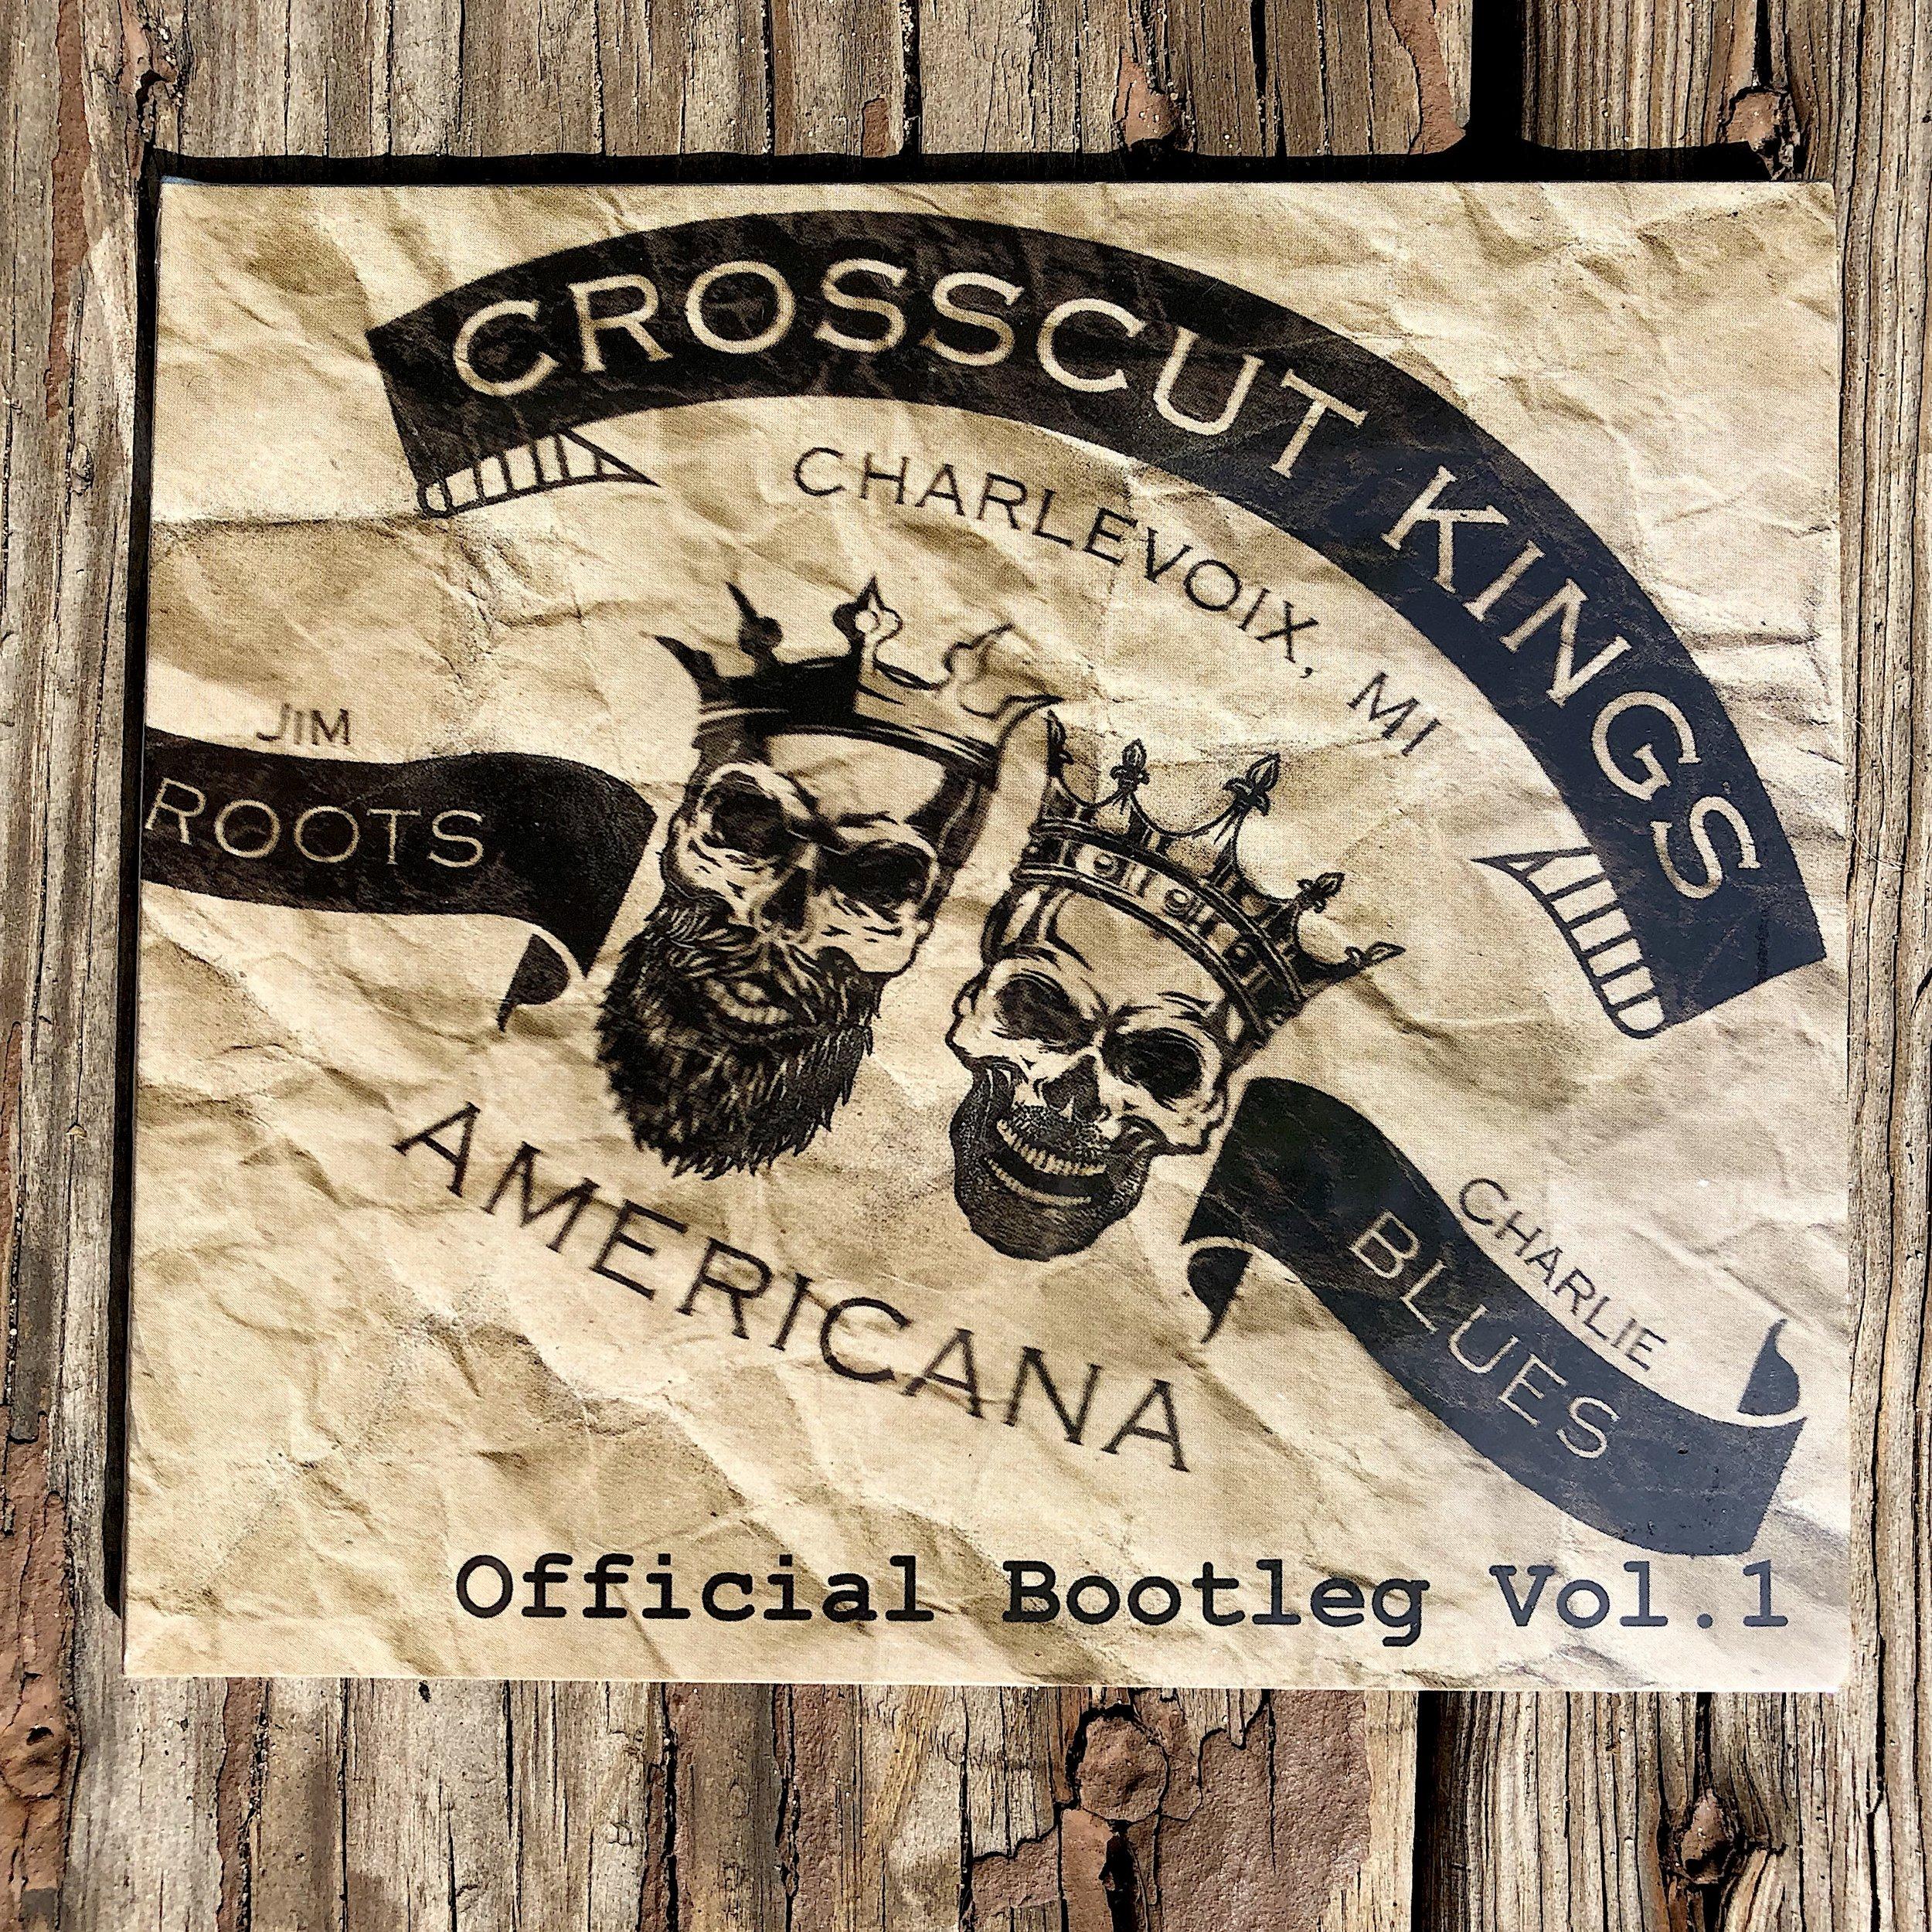 CD#1: Official Bootleg Vol  1 EP